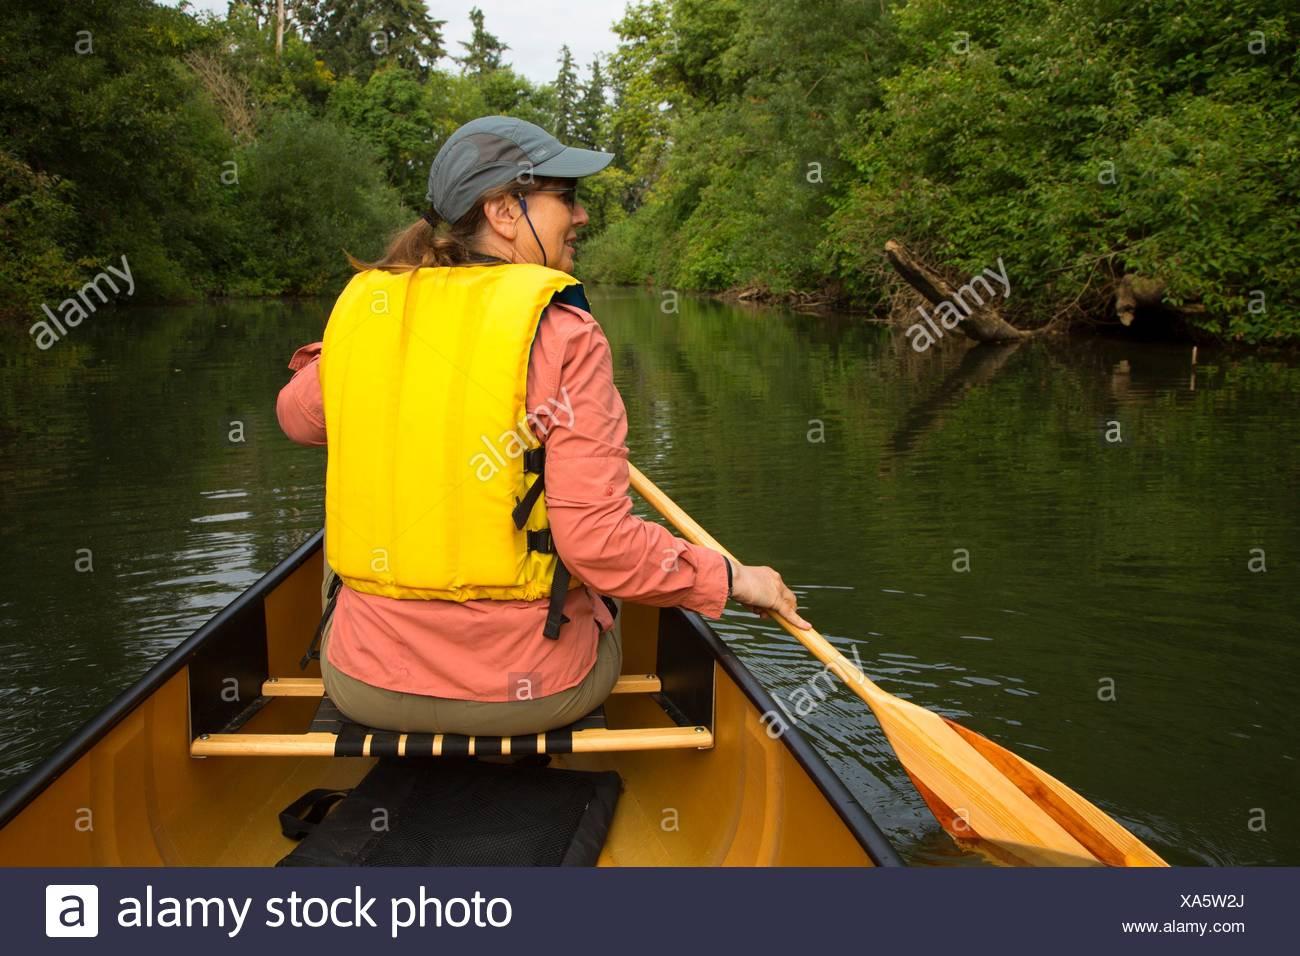 Canoa il fiume Luckiamute, Luckiamute Landing State Park, Oregon. Immagini Stock